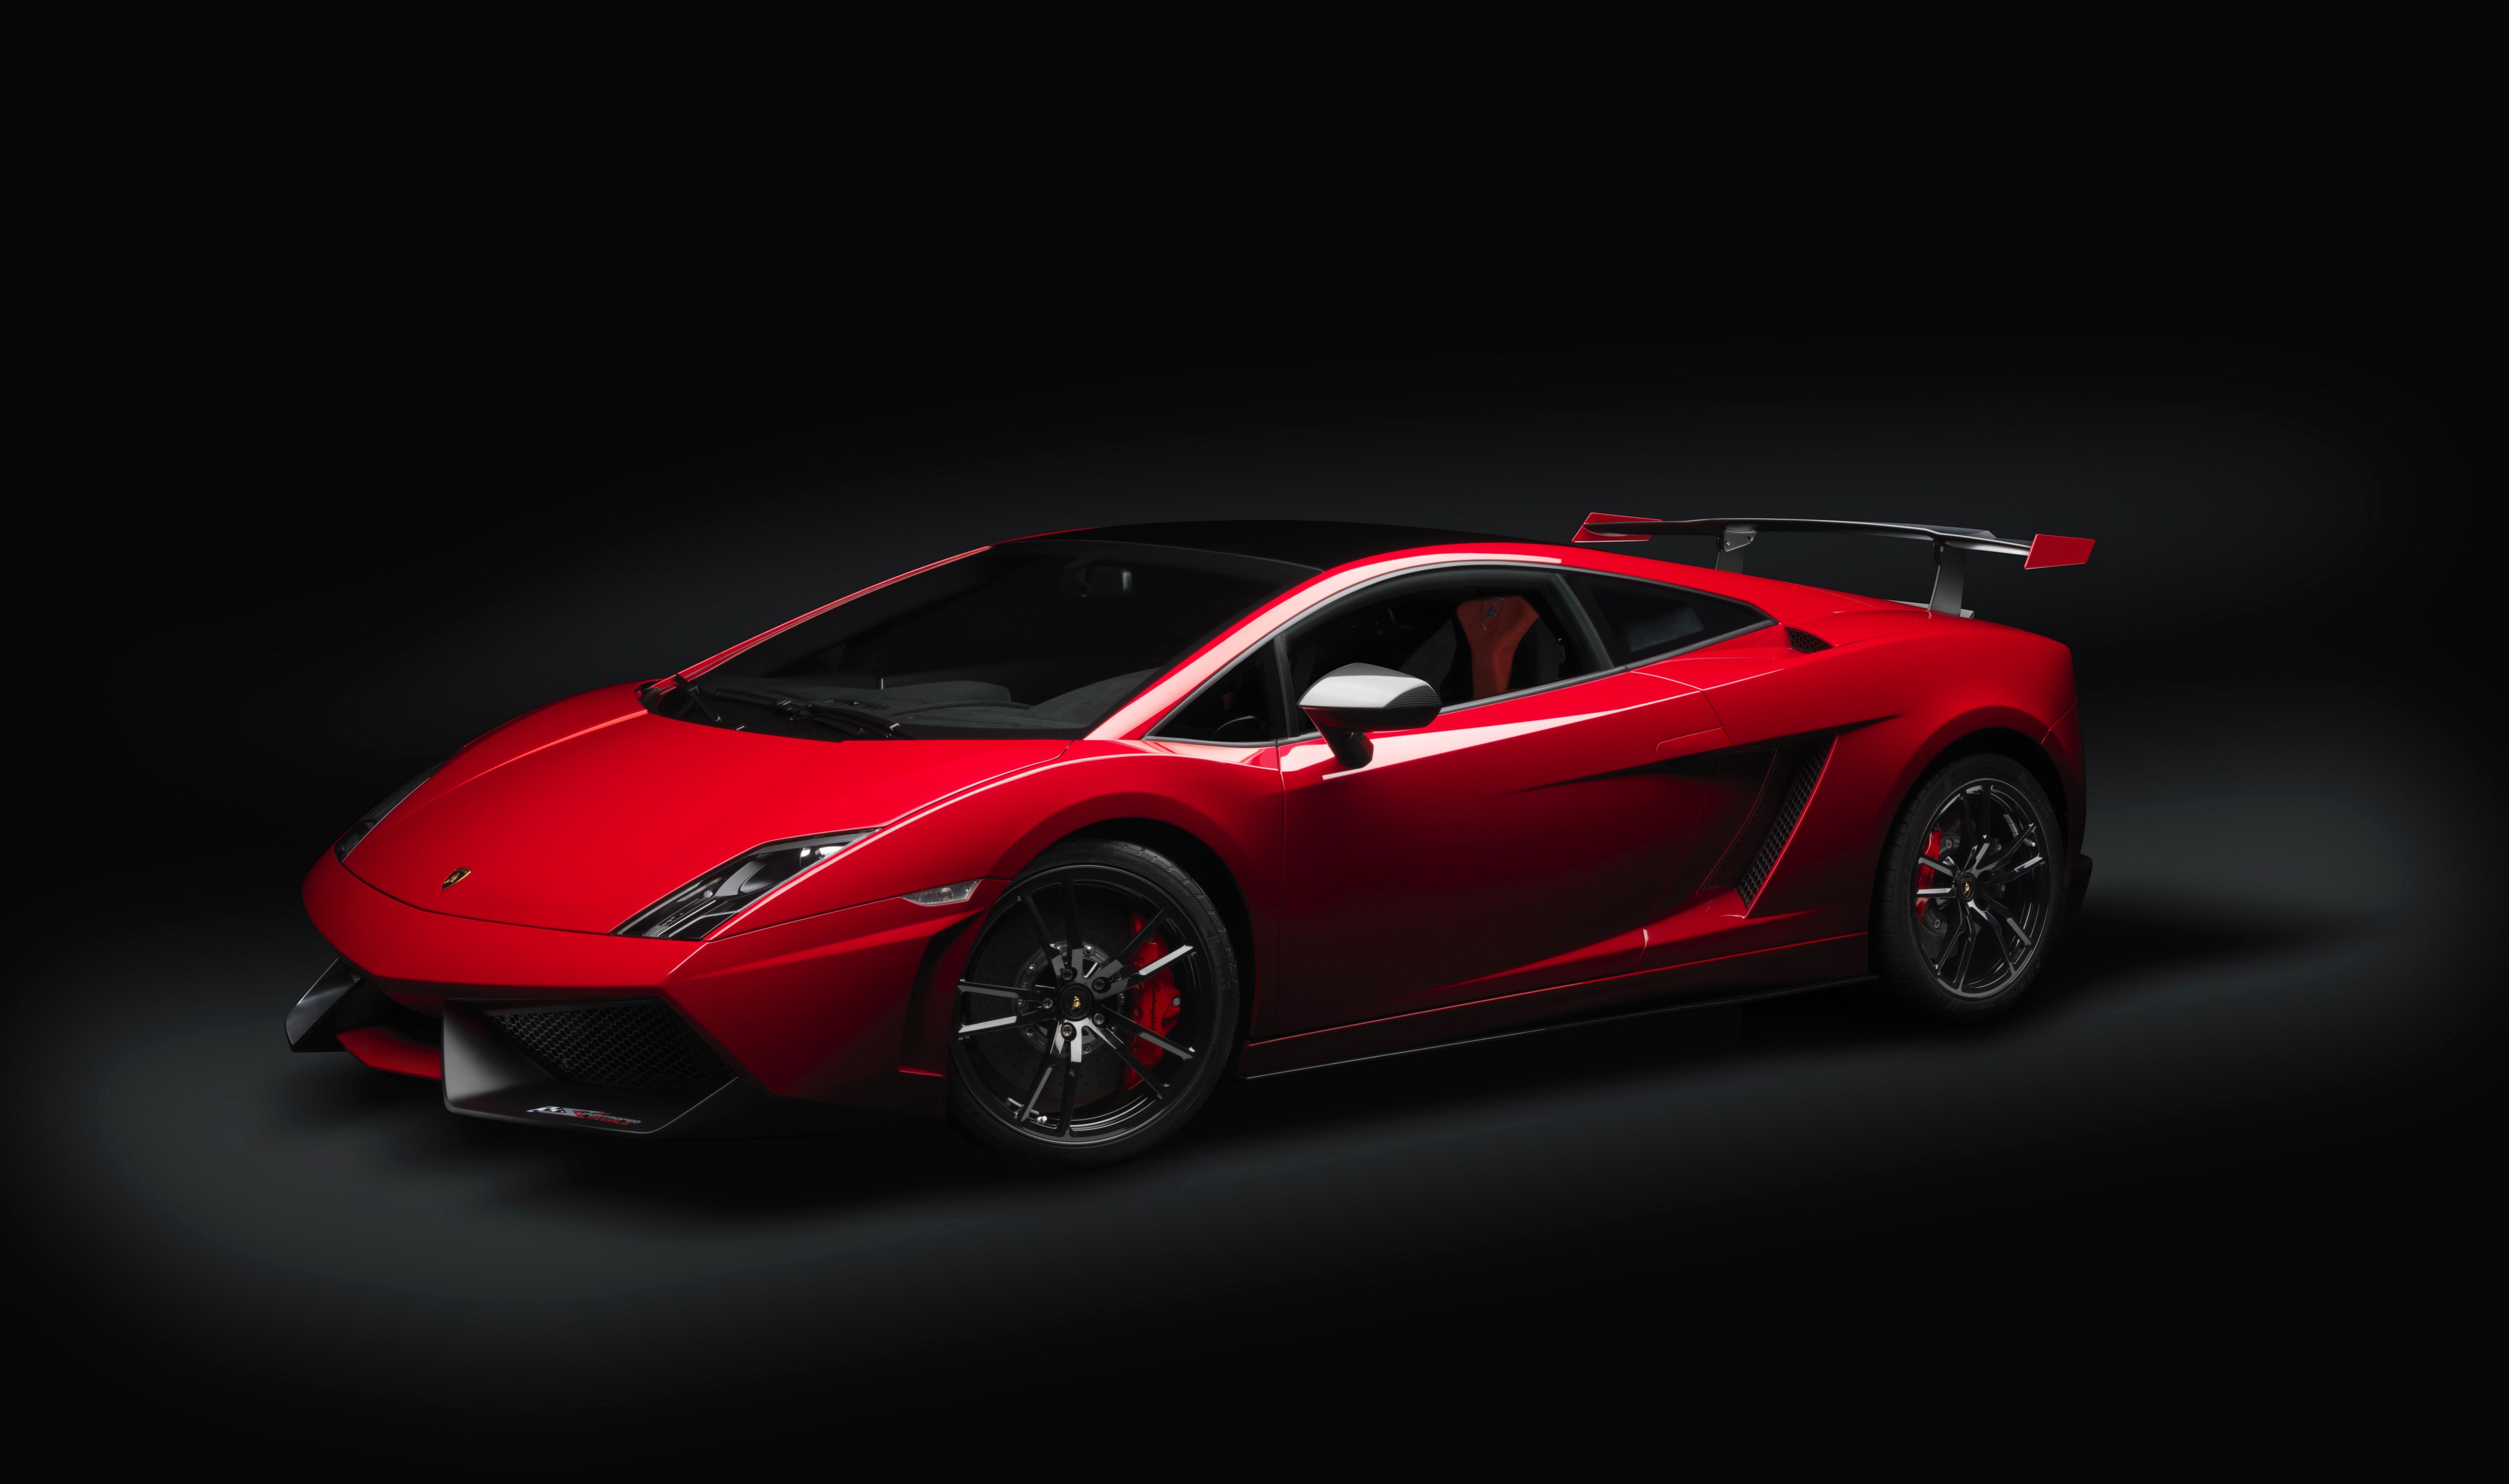 спортивный автомобиль красный lamborghini  № 719727 бесплатно